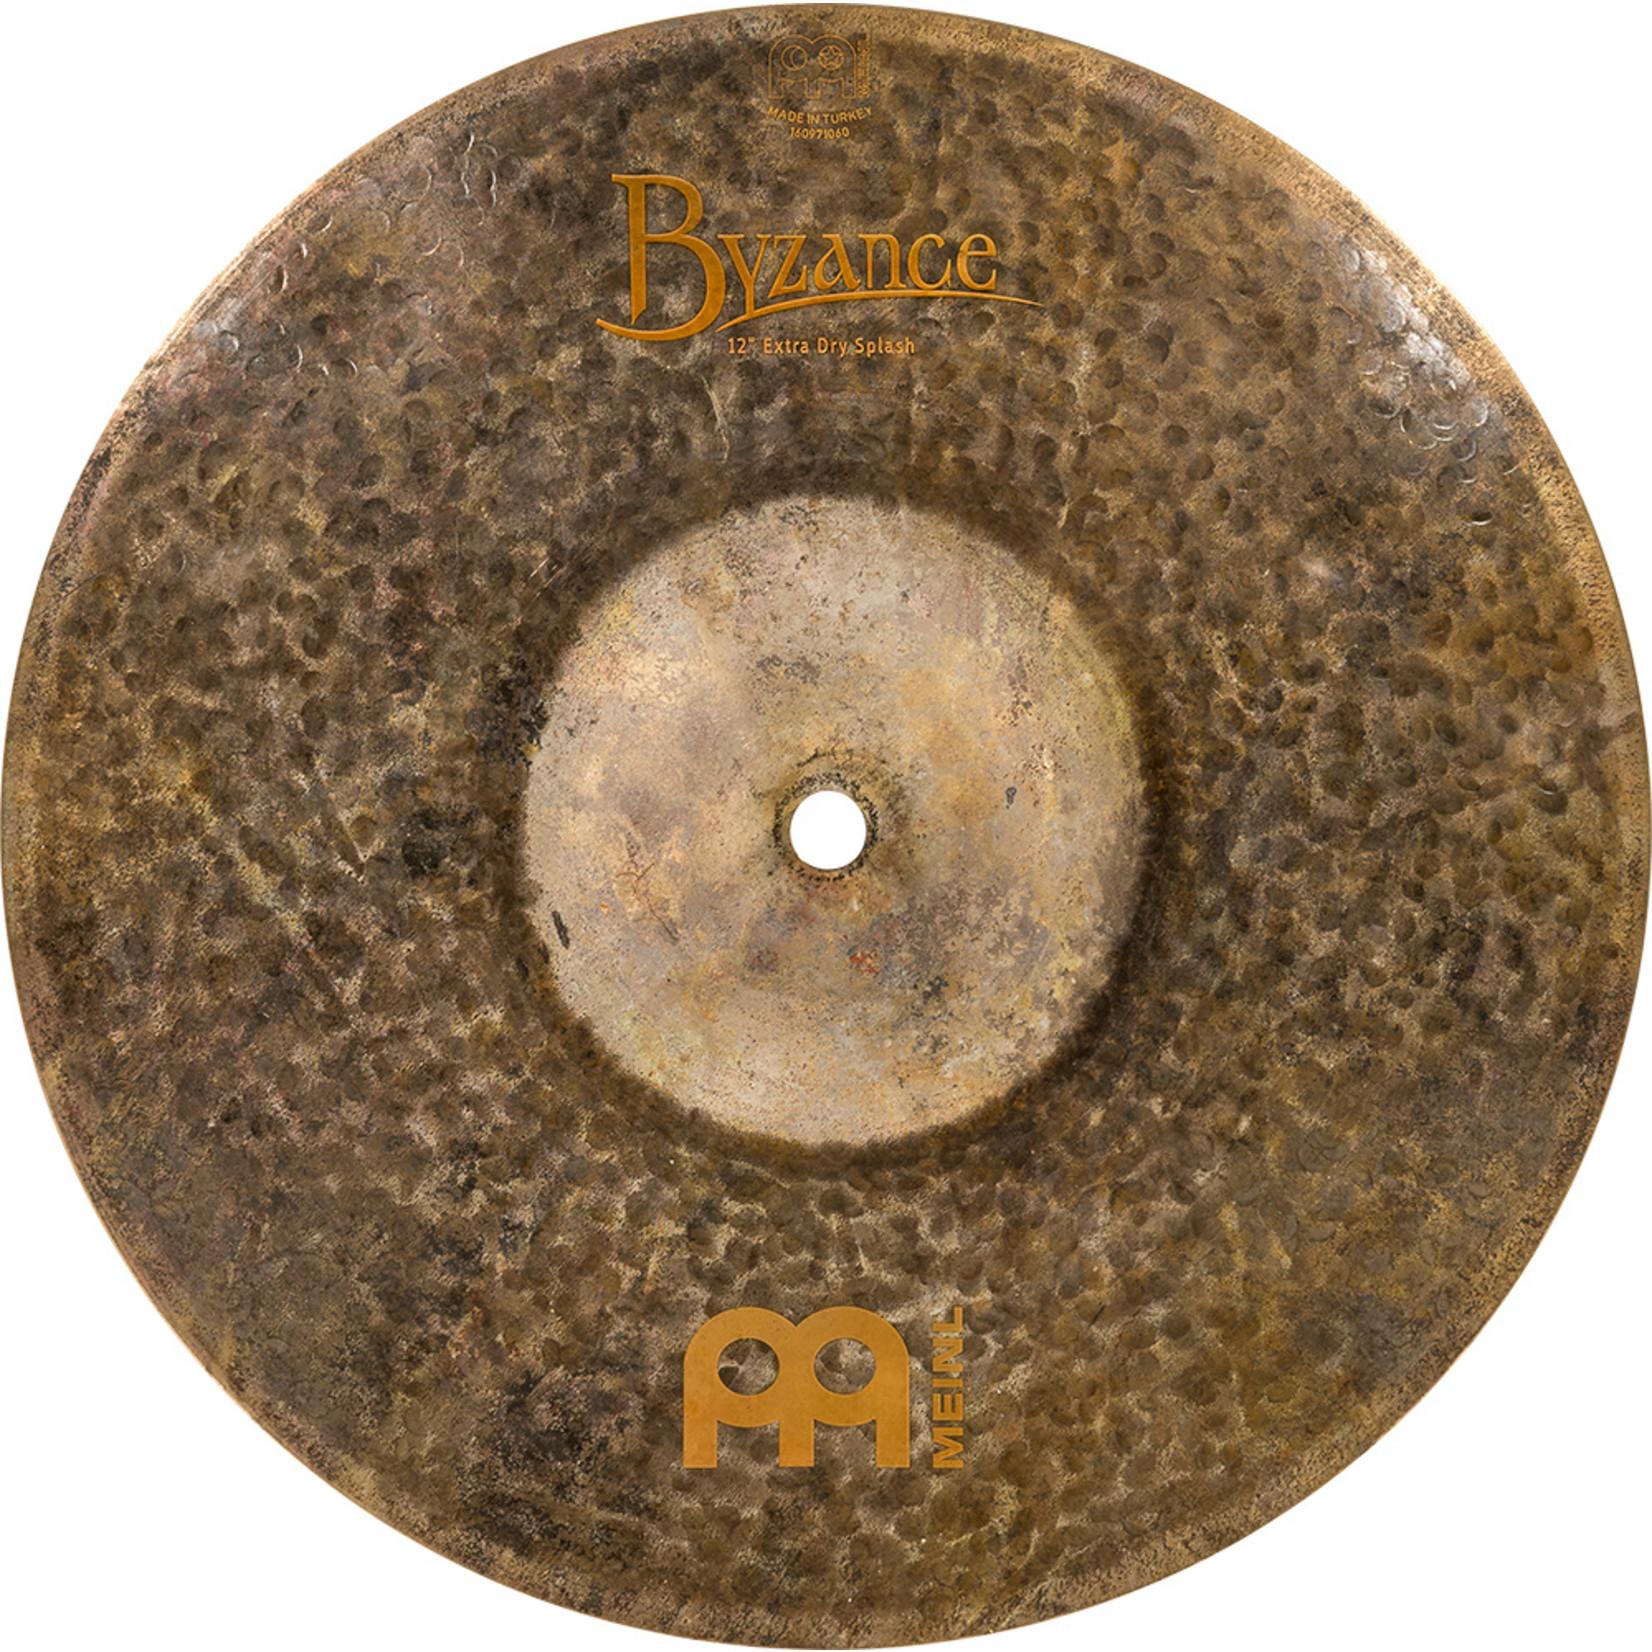 Meinl Meinl Byzance 12''  Extra Dry Splash